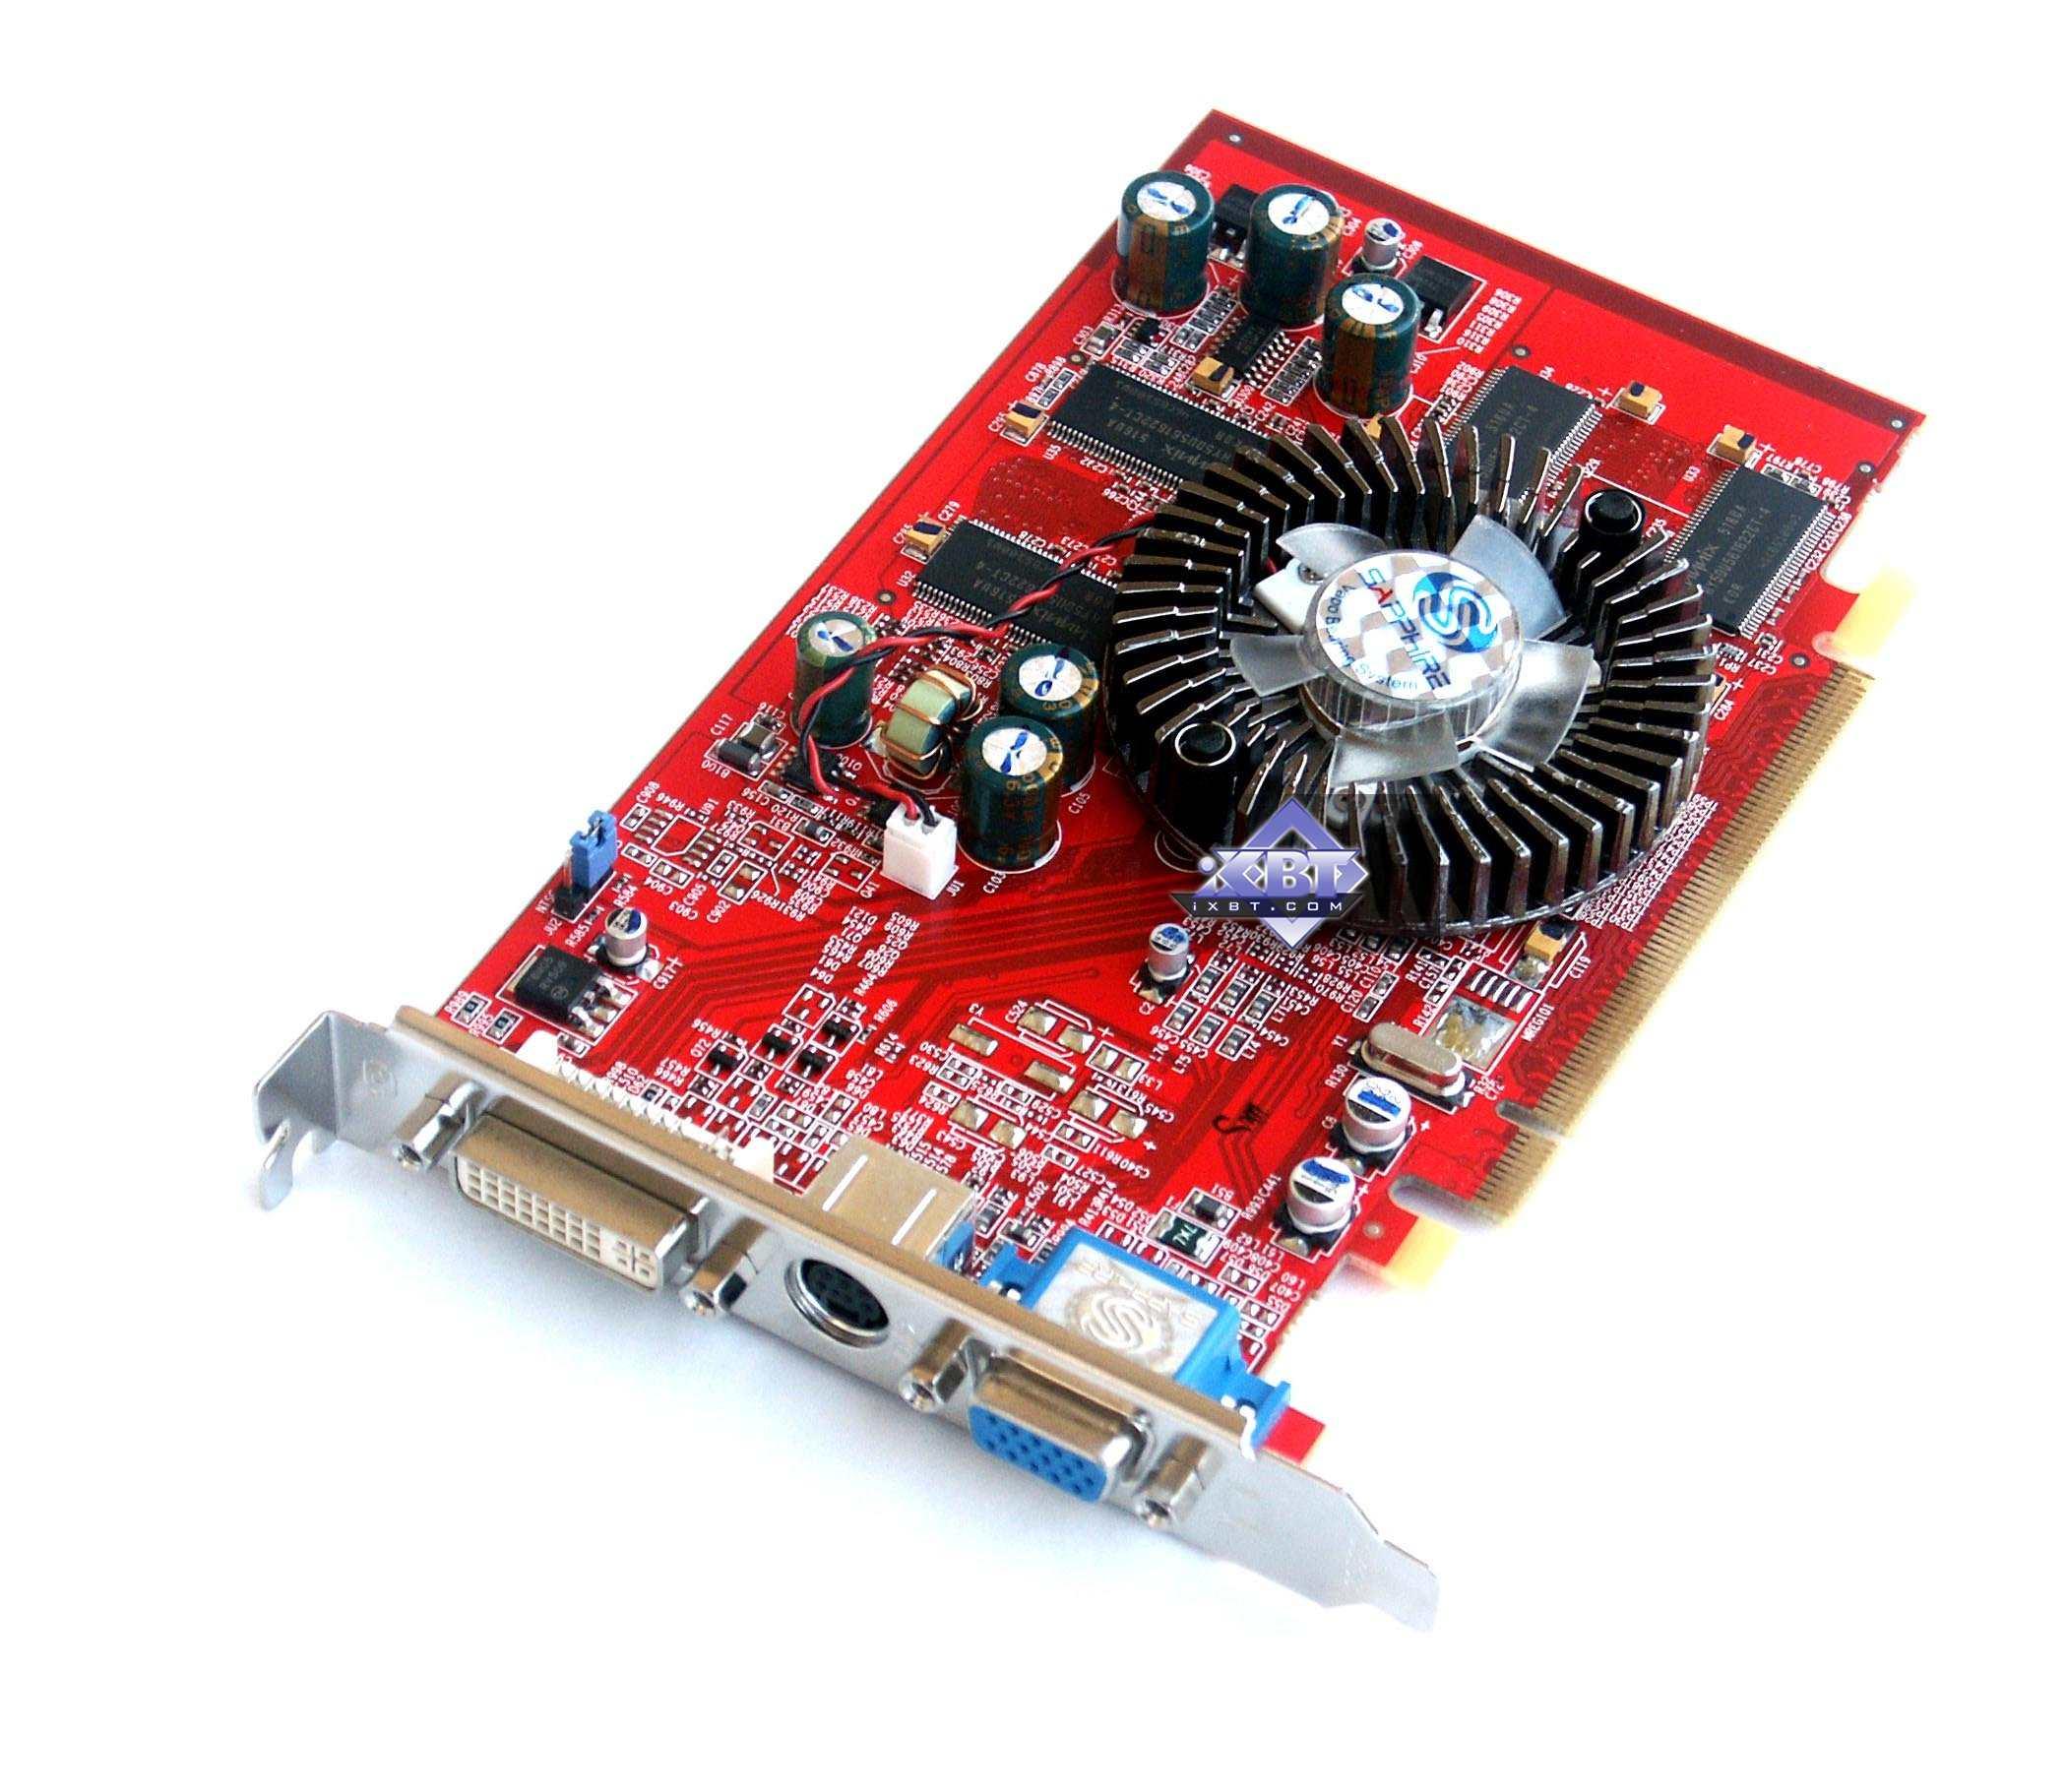 Radeon x550 драйвер скачать